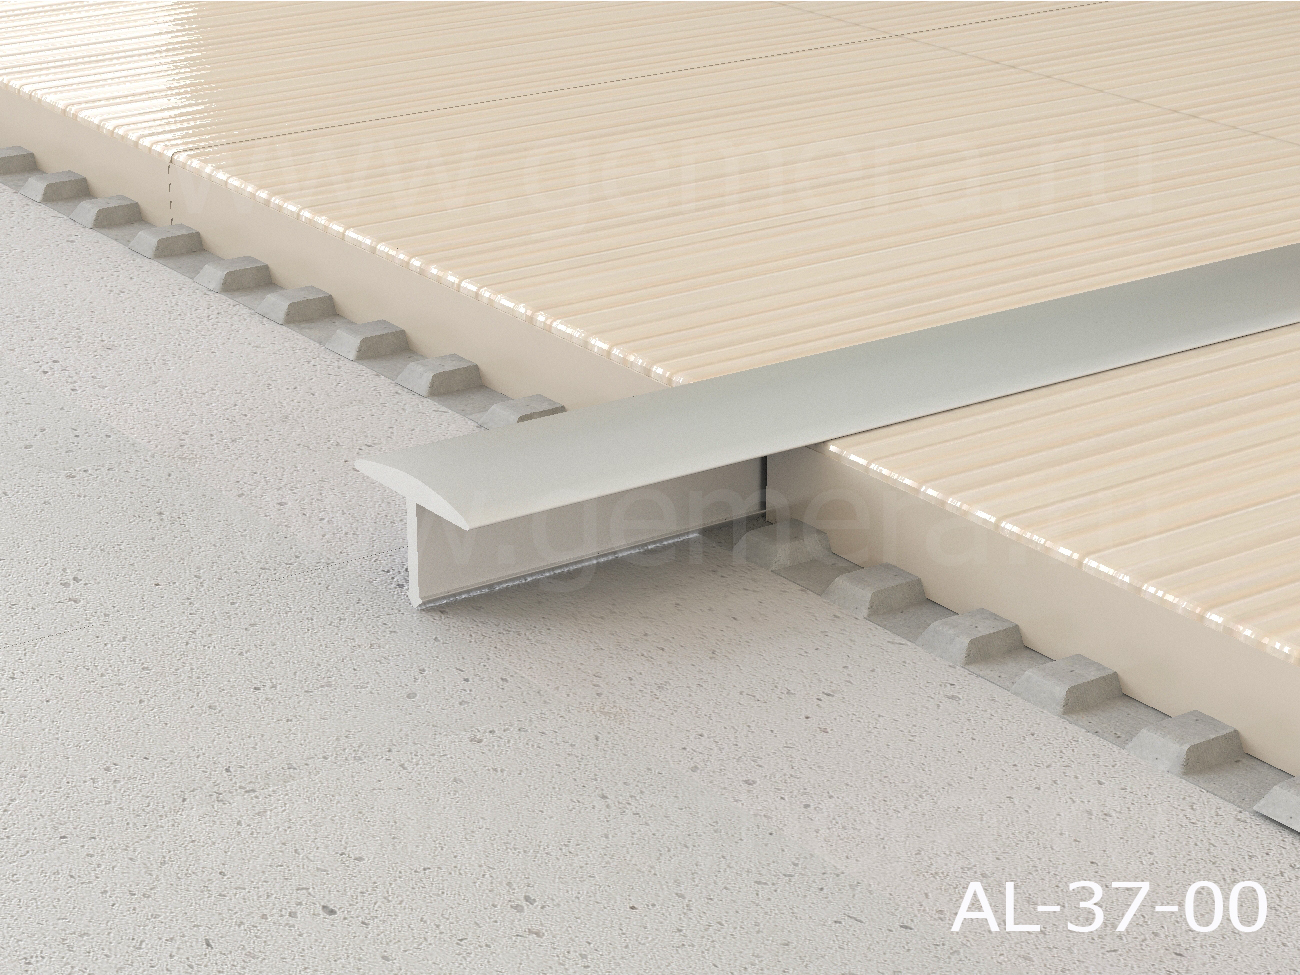 Т-профиль полукруглый алюминиевый Butun AL-37-00